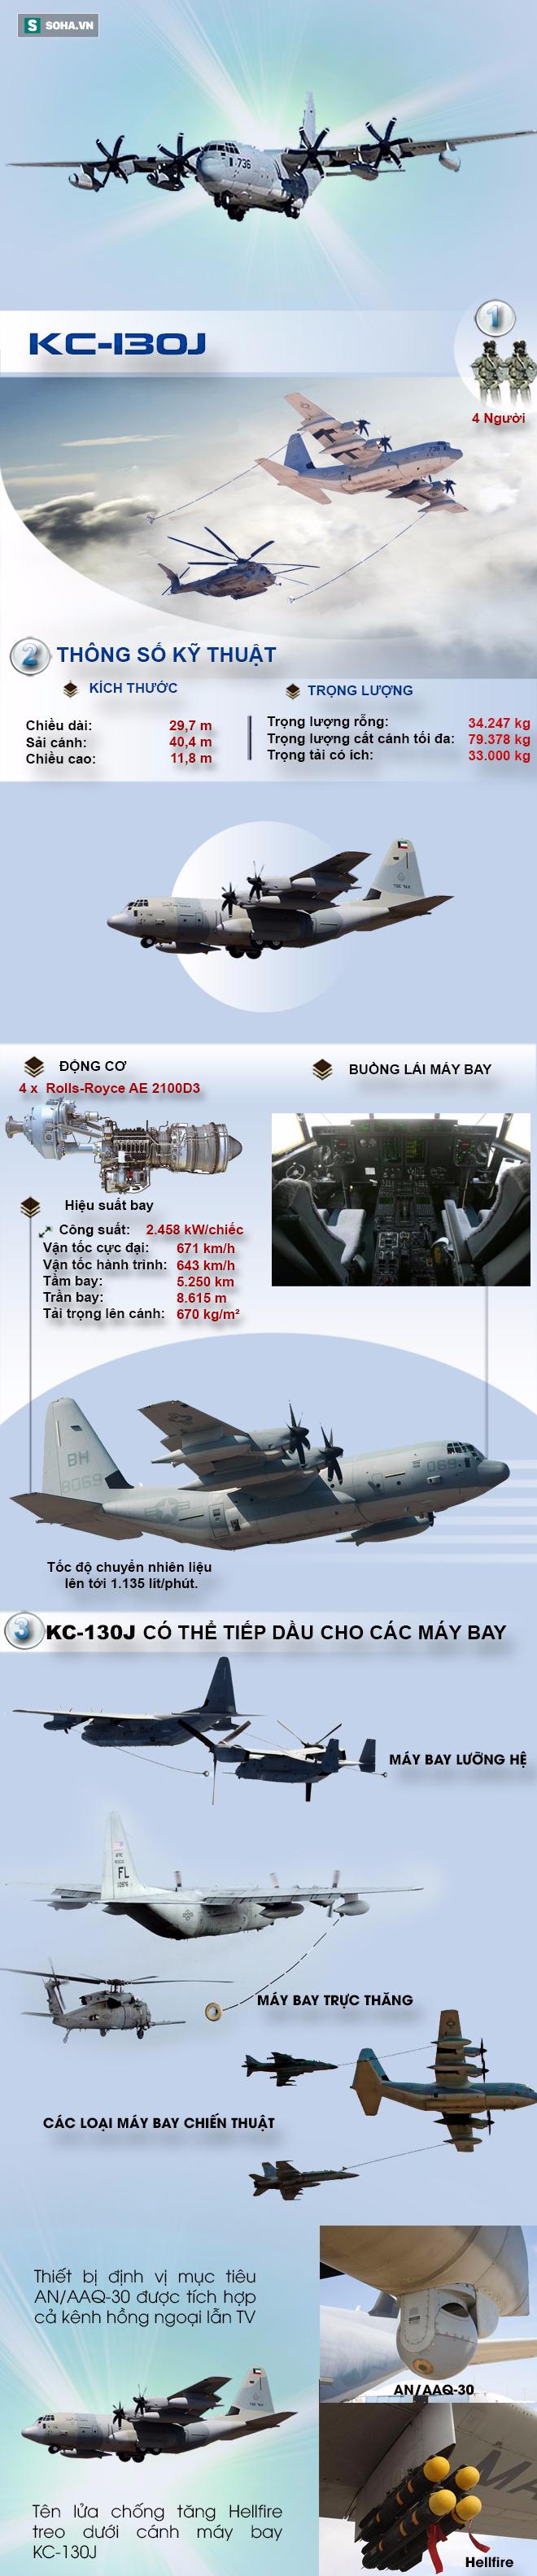 Chiếc máy bay tiếp dầu có khả năng tấn công mặt đất độc nhất vô nhị của Quân đội Mỹ - Ảnh 1.